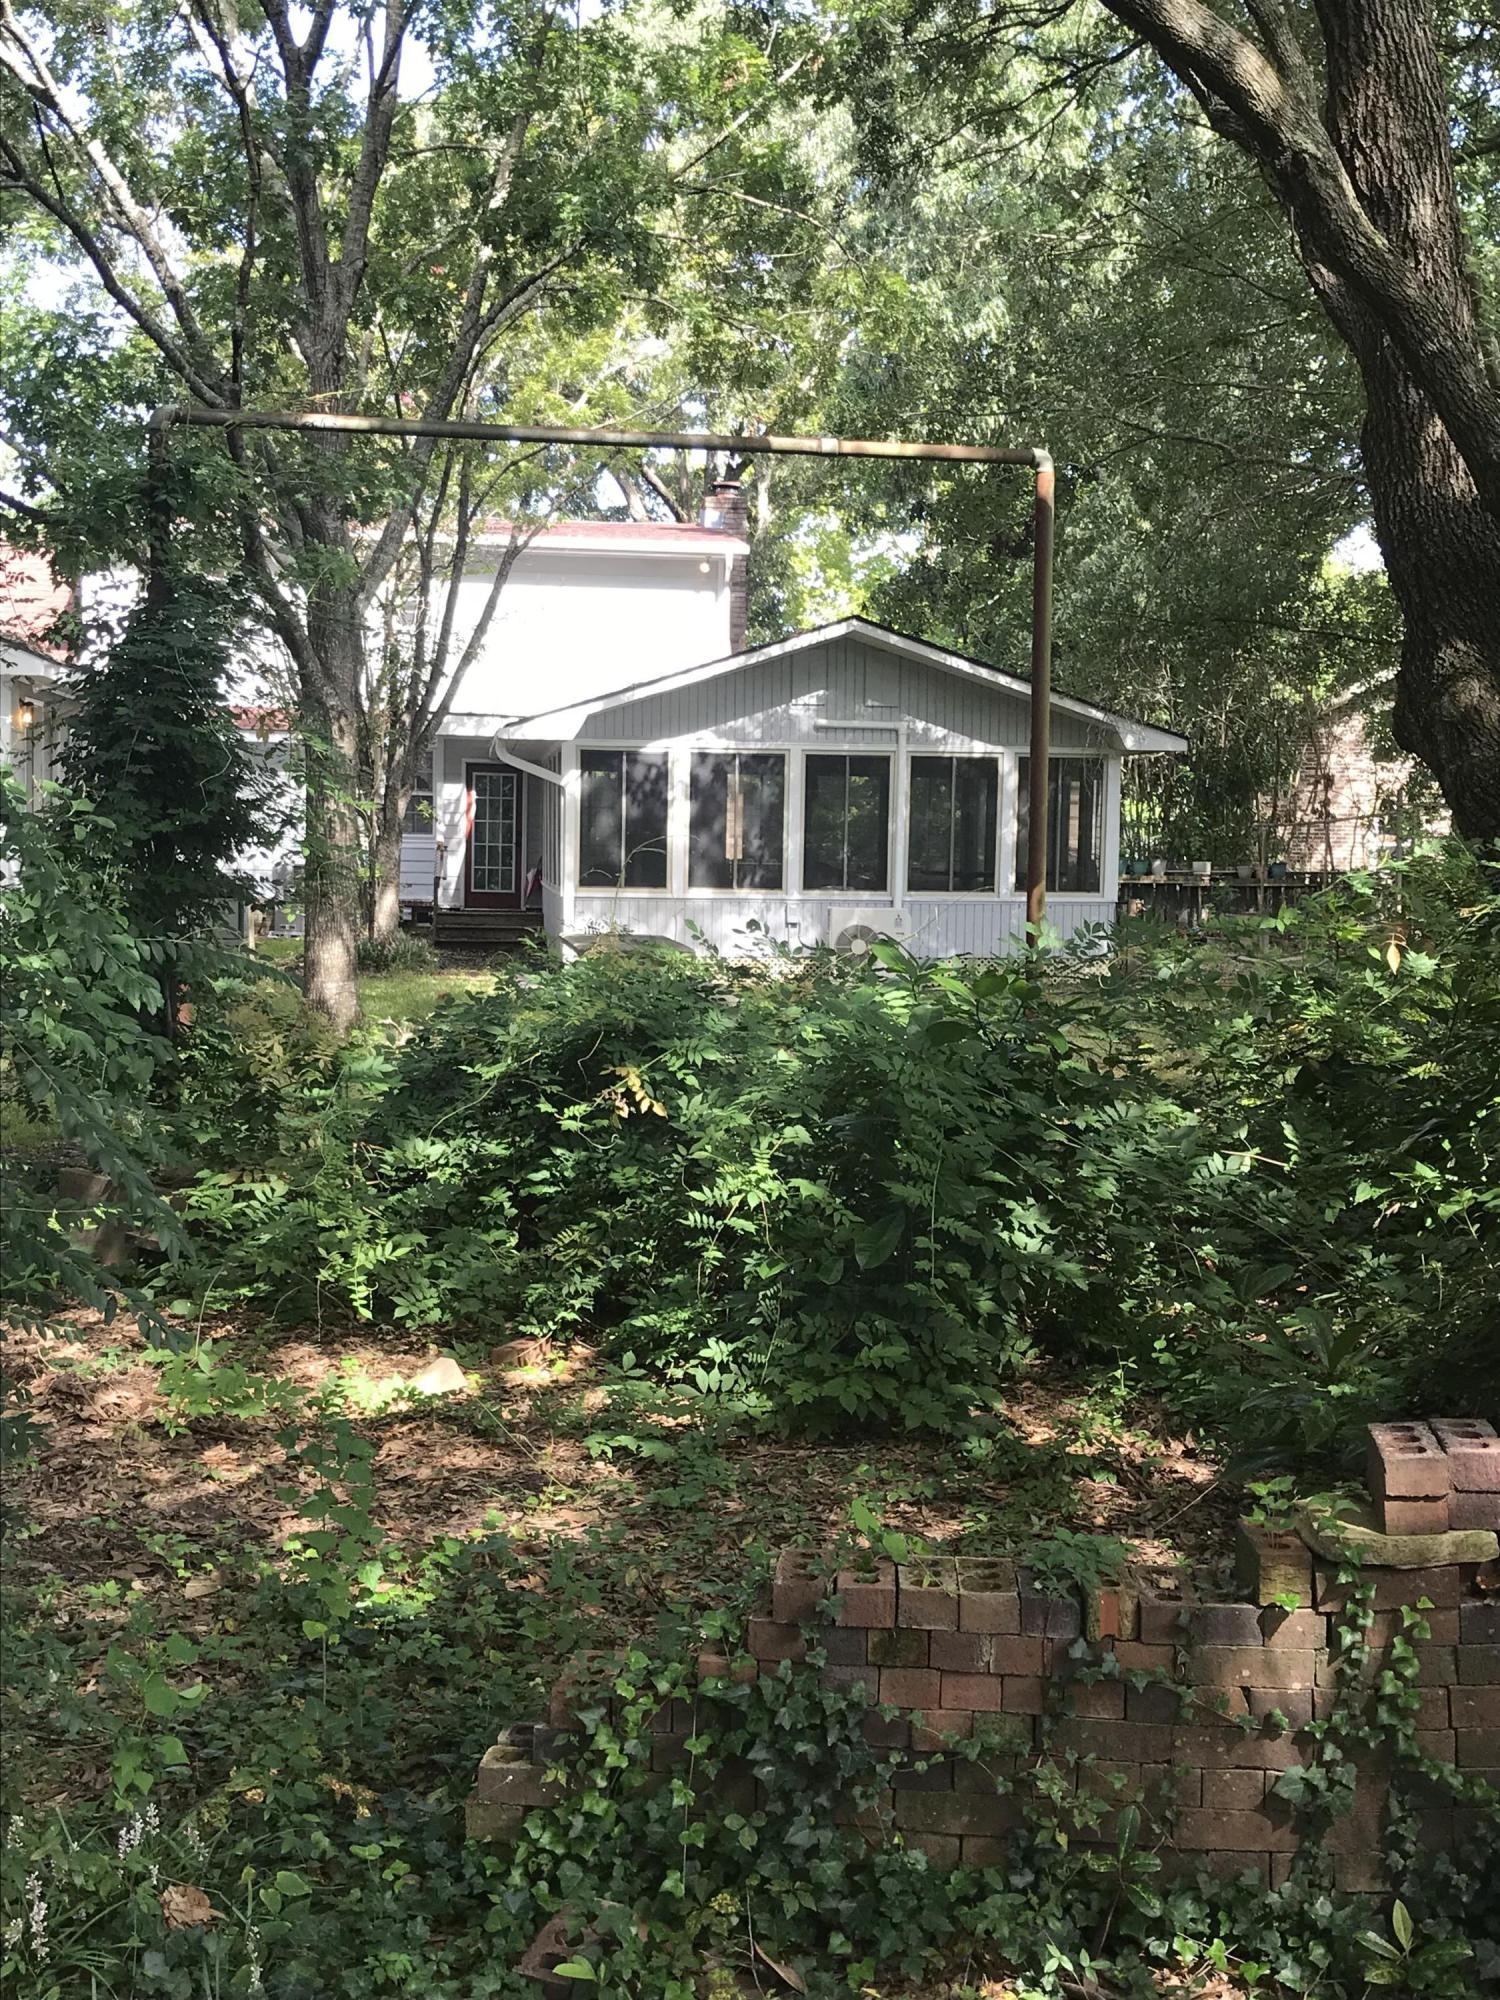 St James Estates Homes For Sale - 103 Westminster, Goose Creek, SC - 62